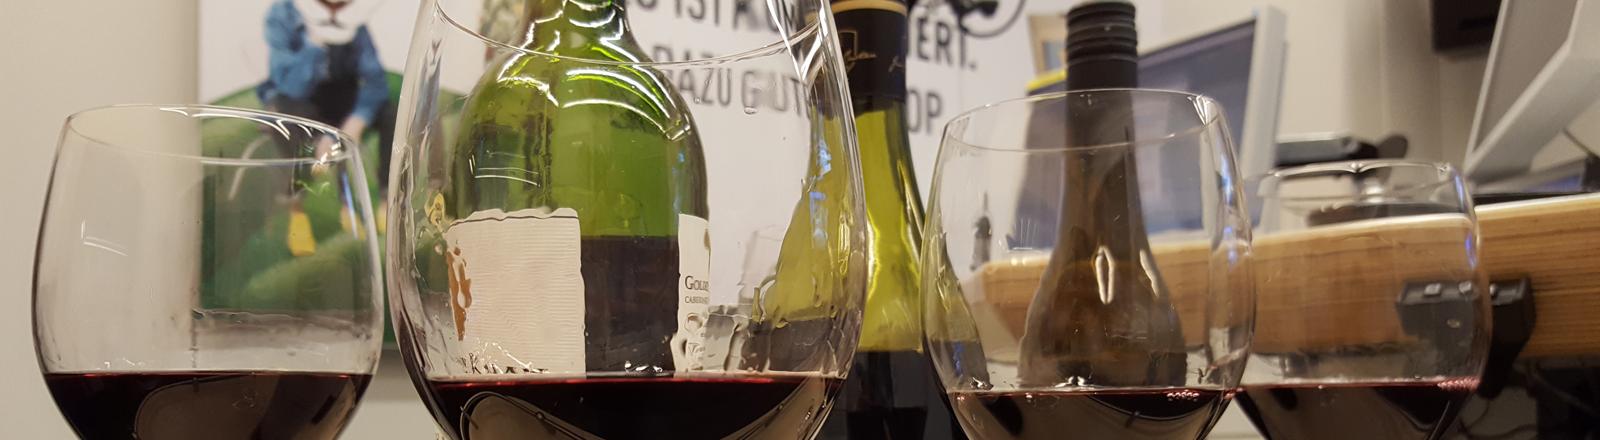 Weingläser mit Wein im Studio